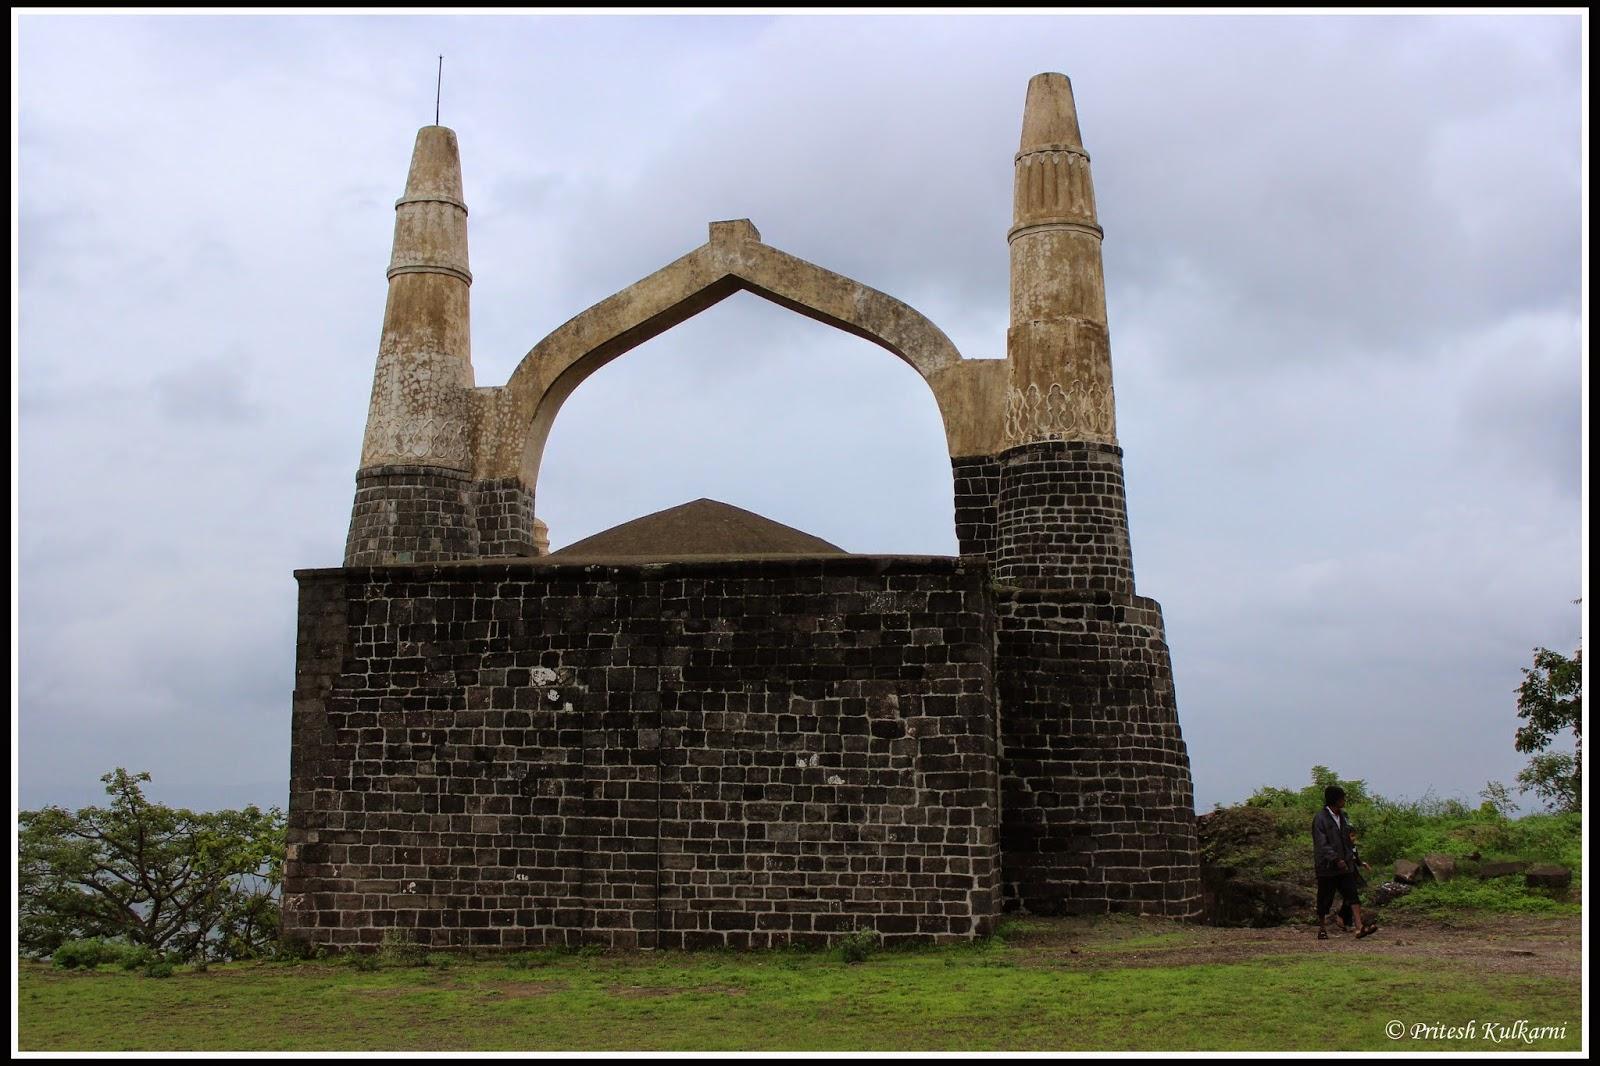 Kamani Masjid